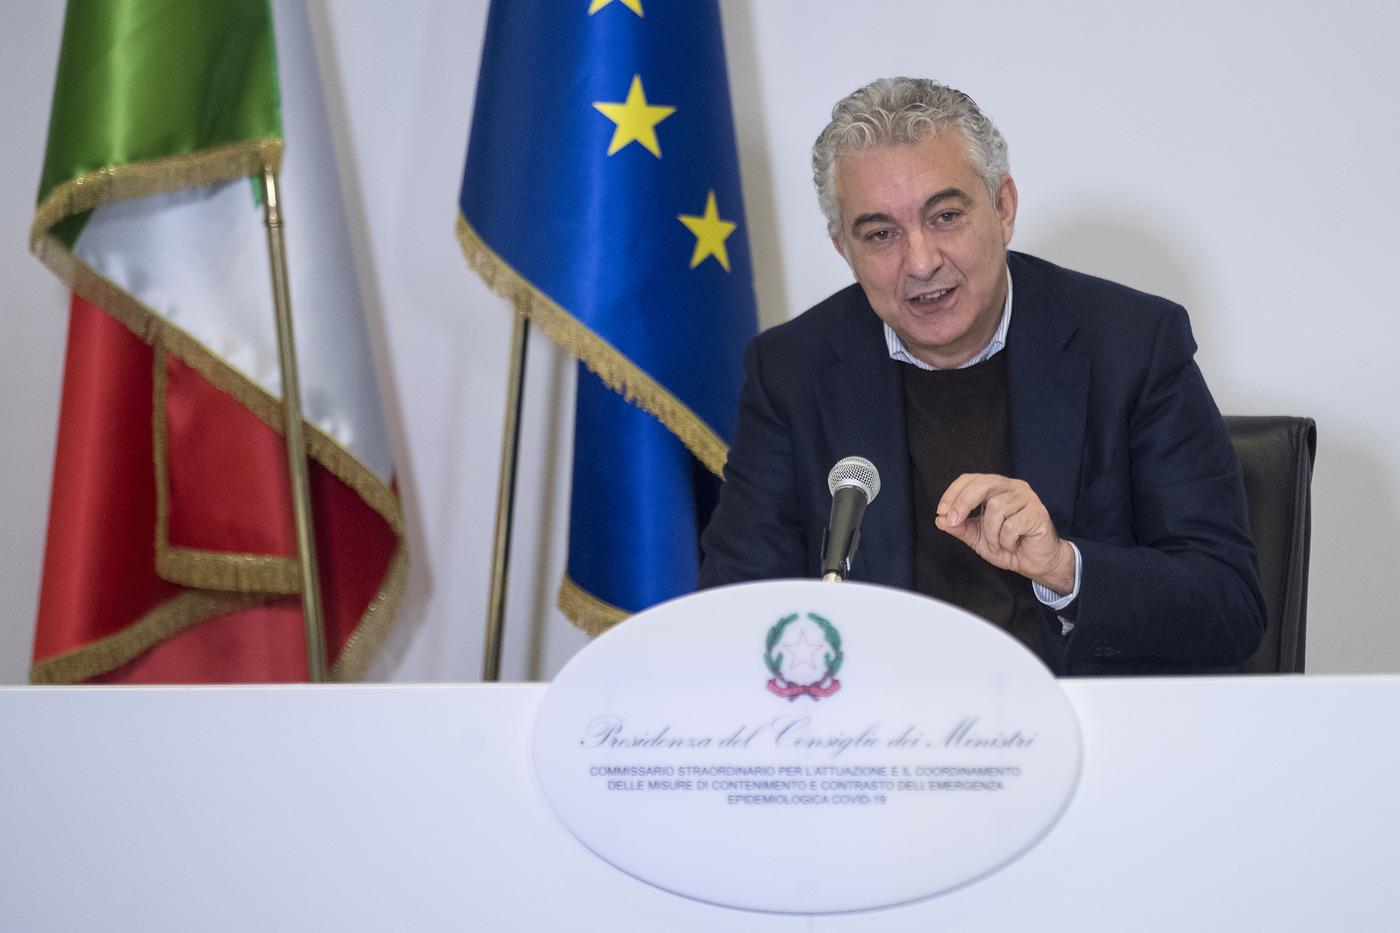 Conferenza stampa del Commissario straordinario per l'emergenza Covid-19 Domenico Arcuri